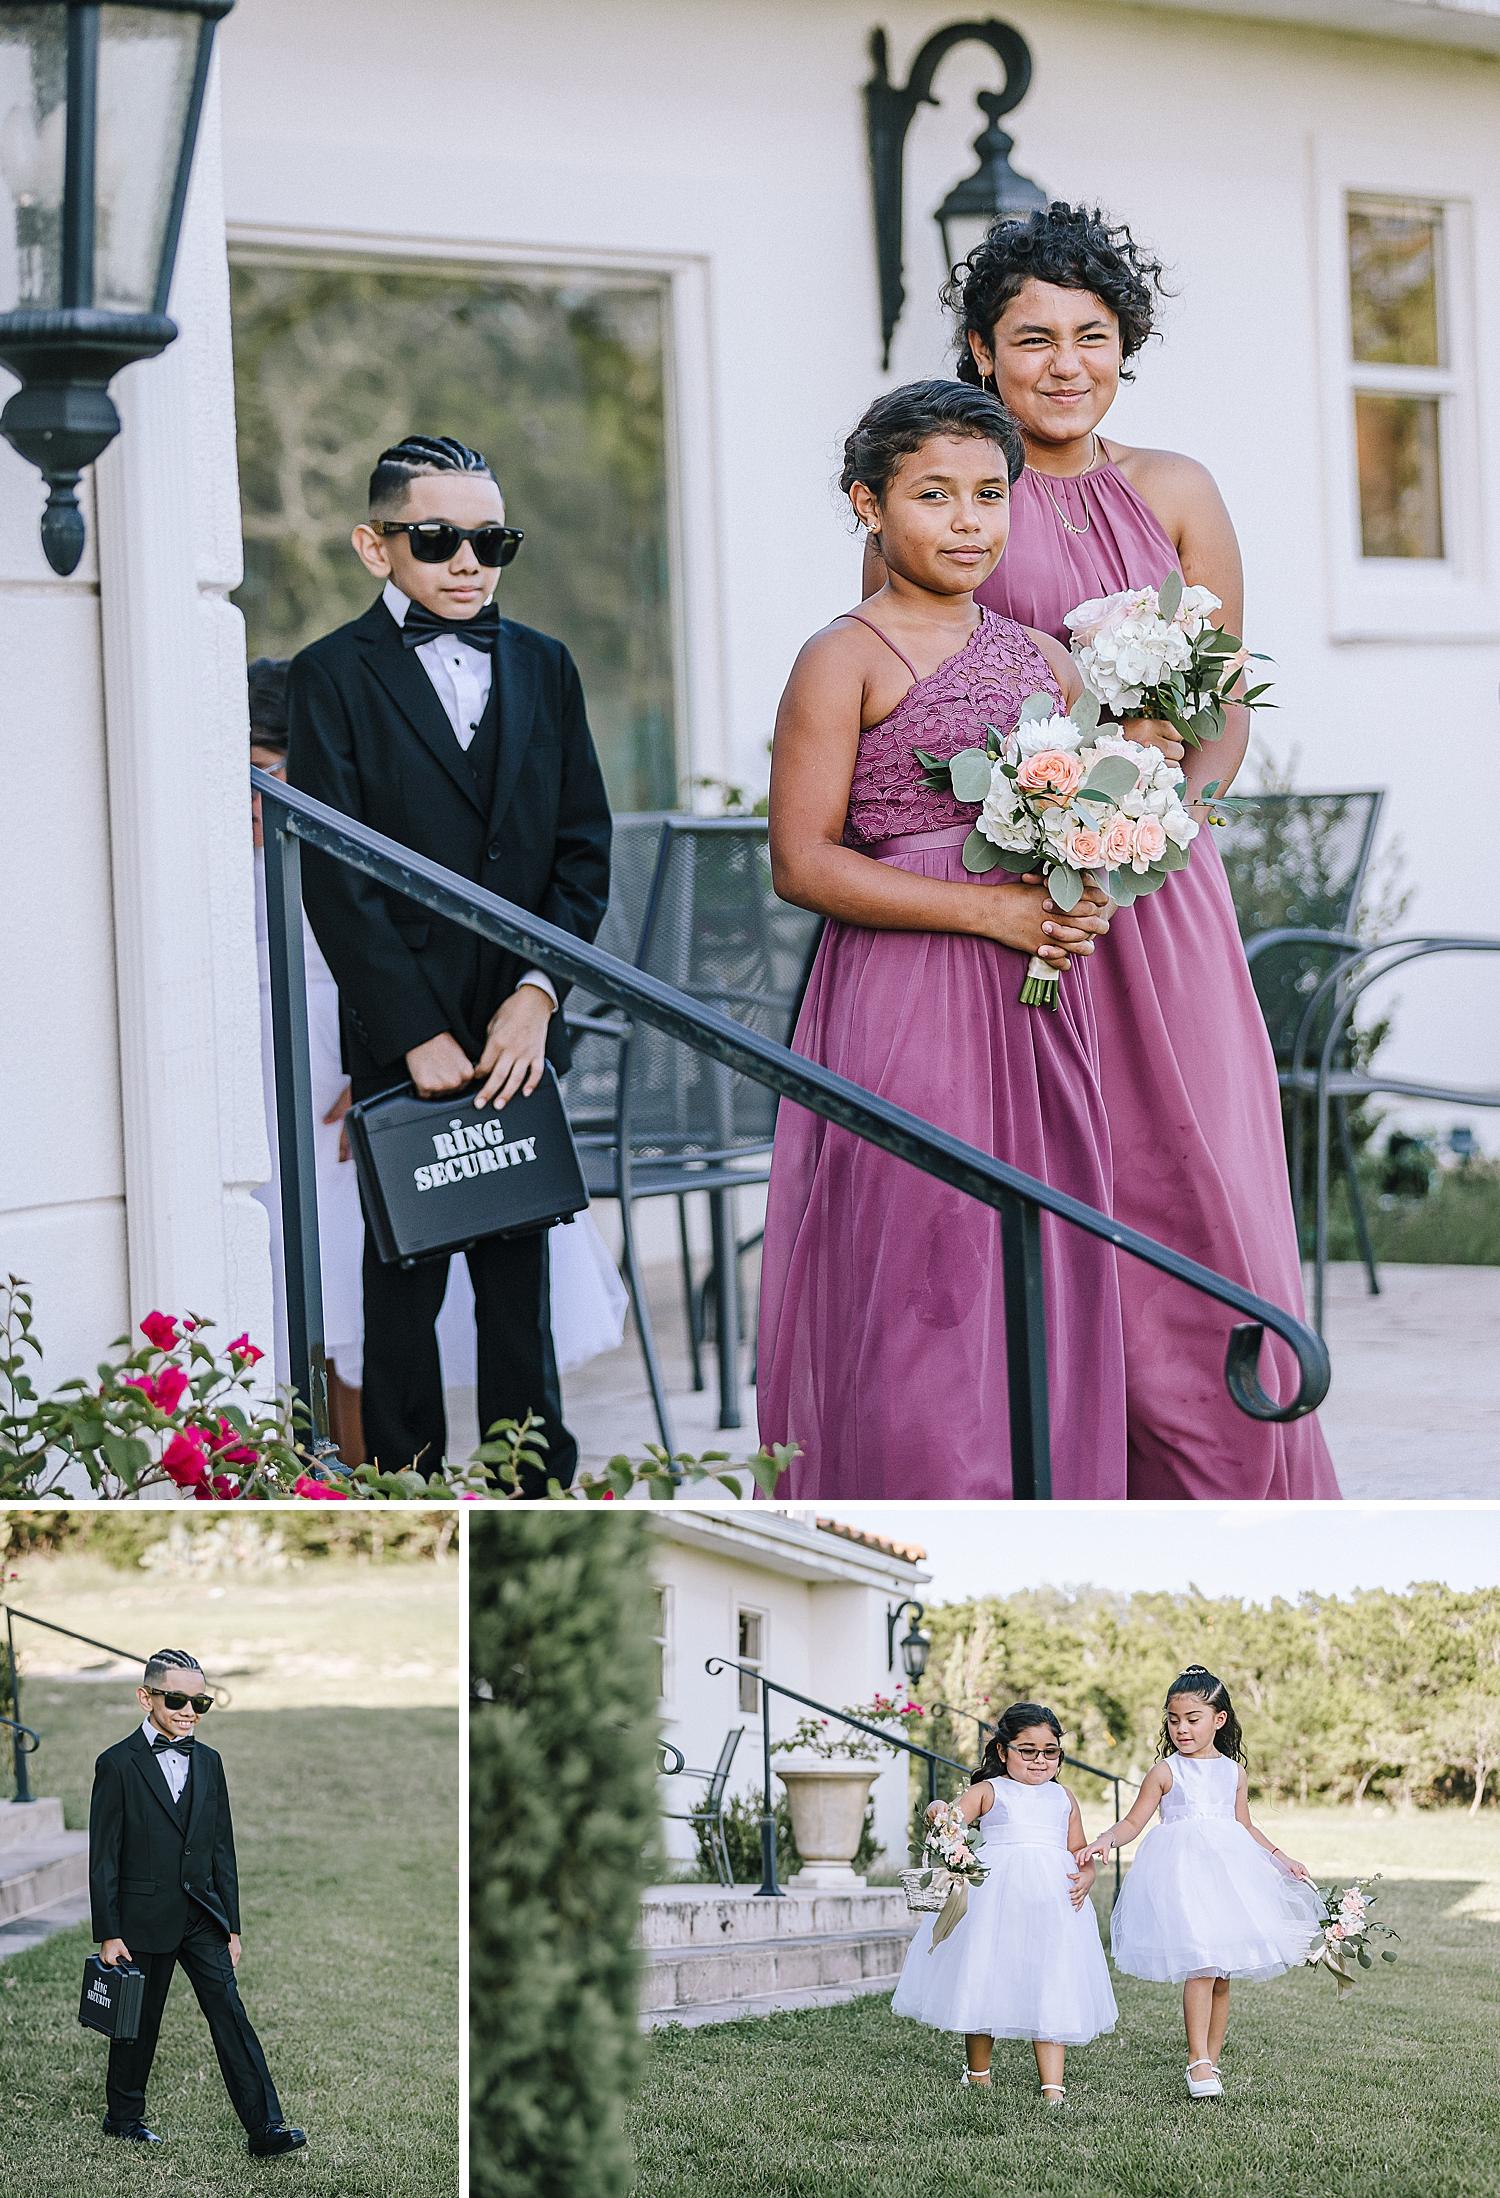 Carly-Barton-Photography-The-Villa-at-Cielo-Vista-Blush-Gold-White-Wedding-Photos_0082.jpg